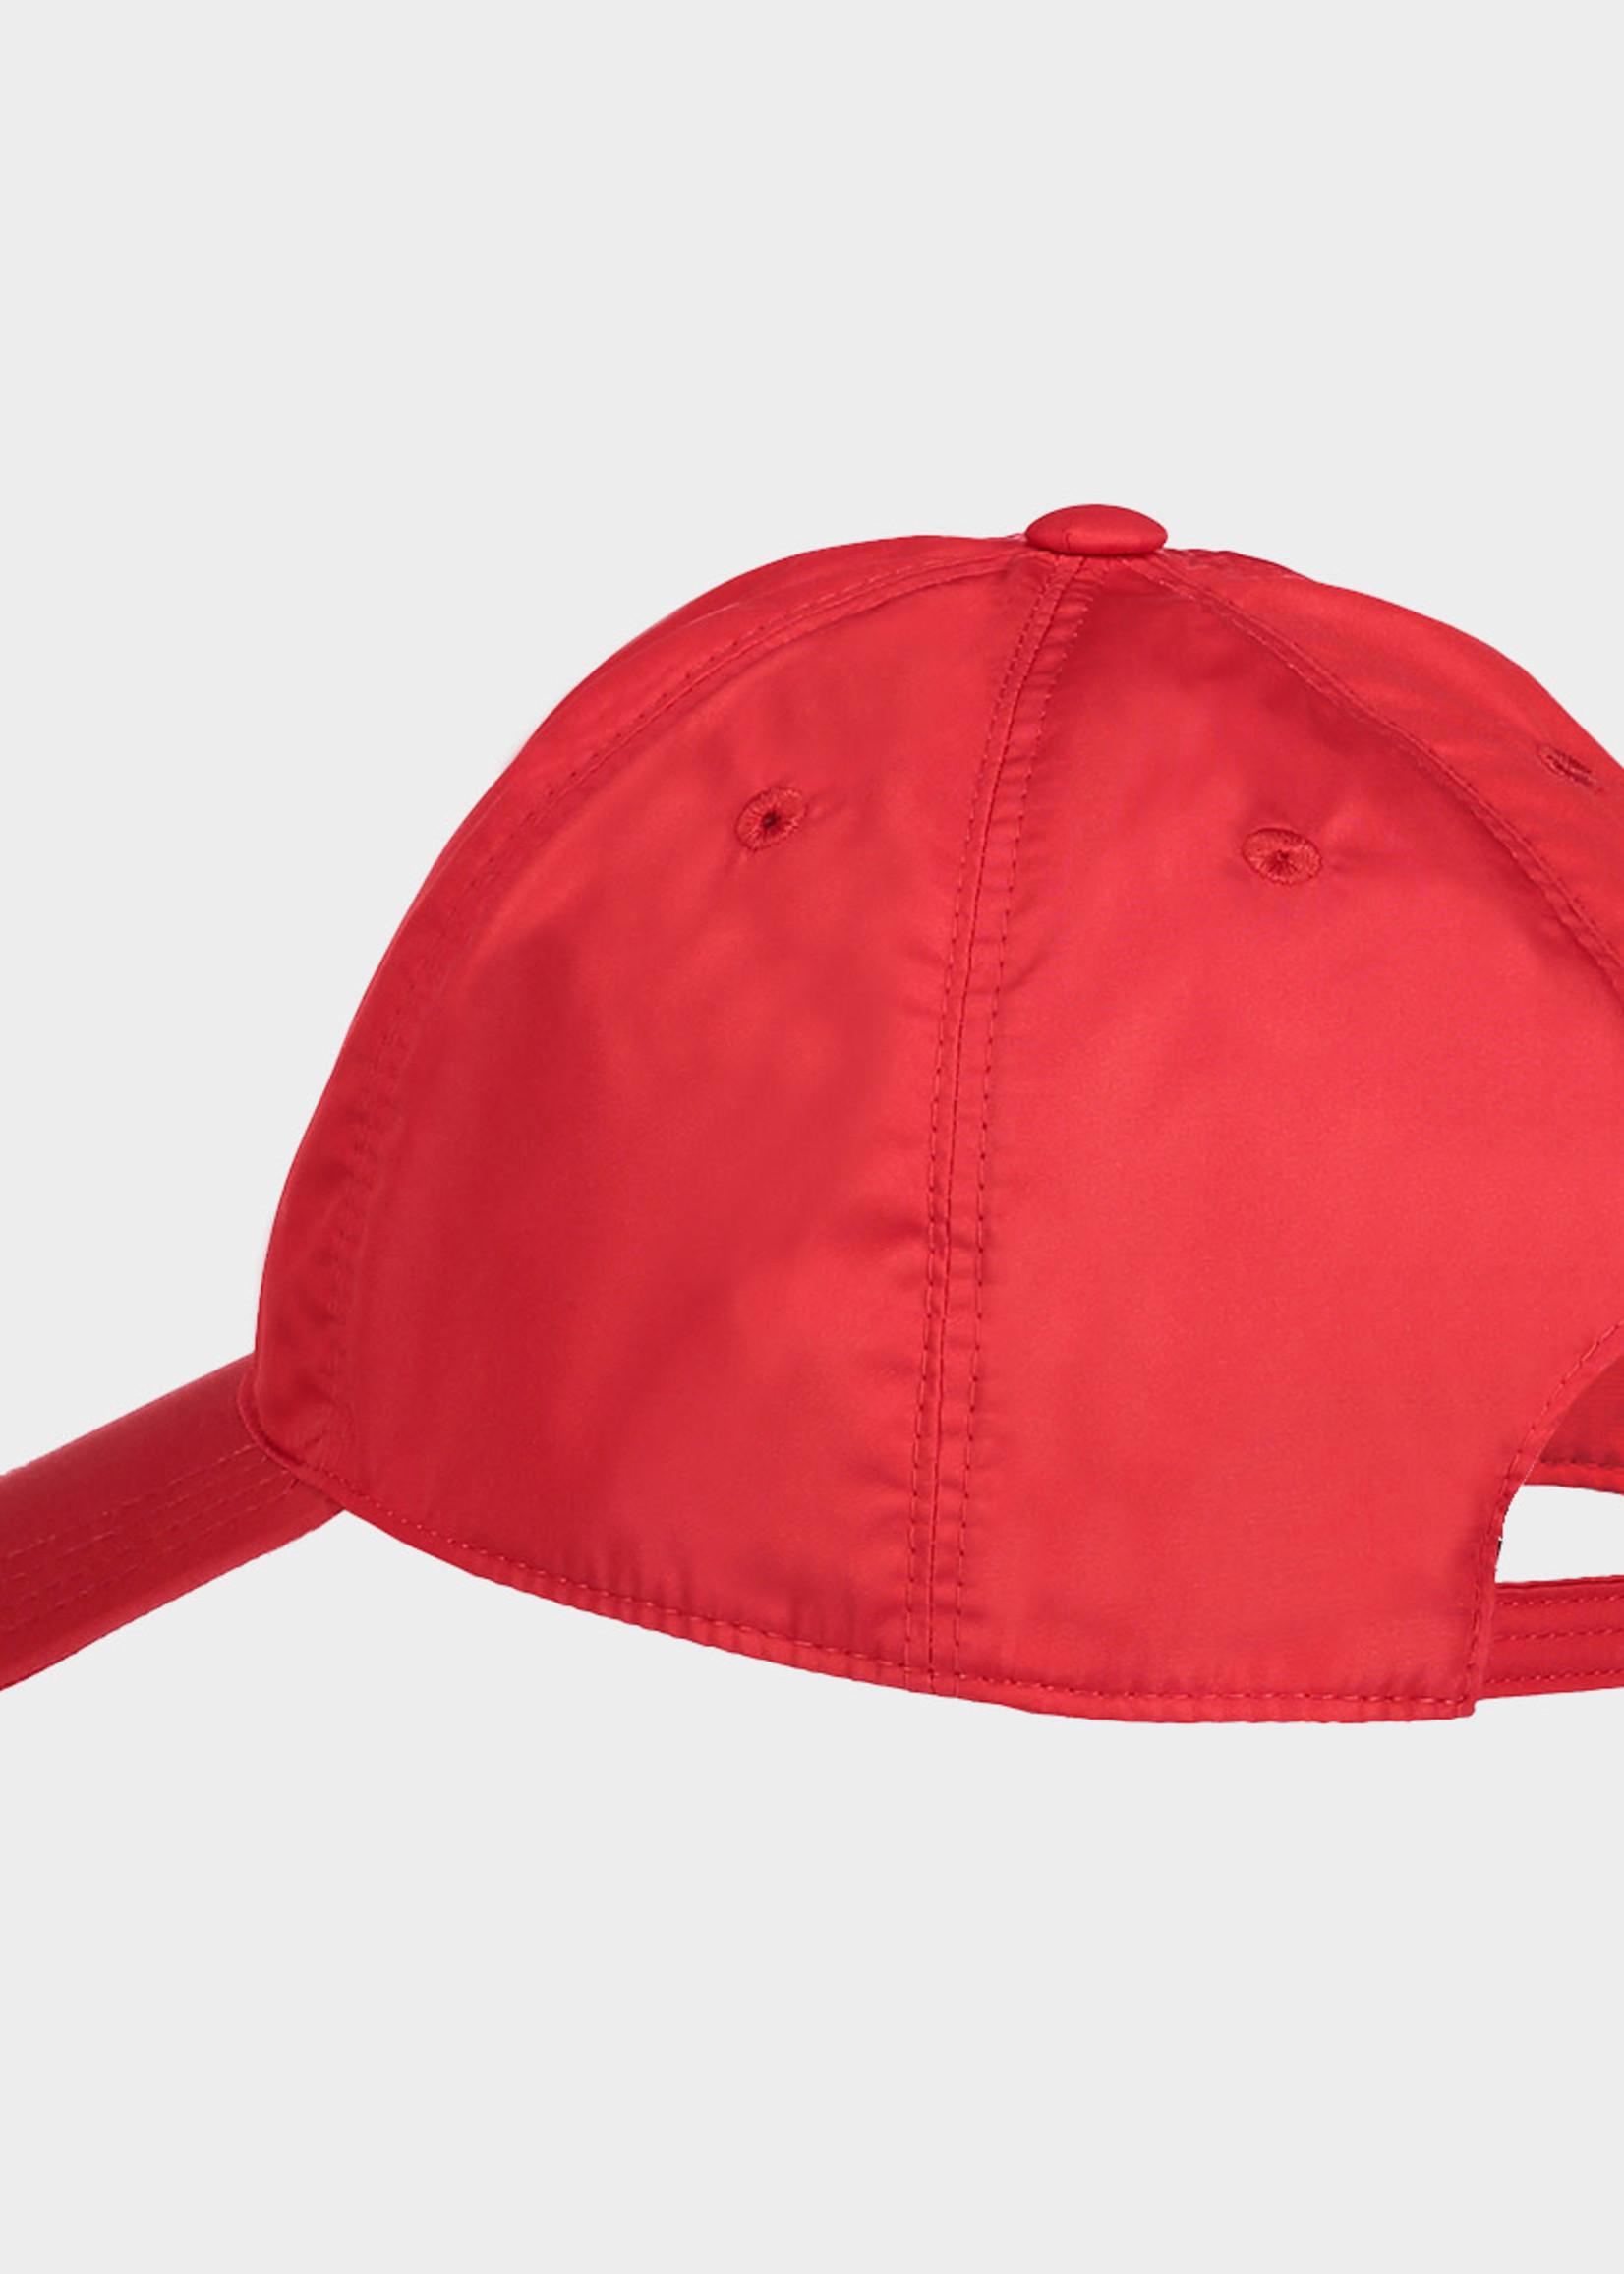 Paul & Shark MEN'S BASEBALL CAP